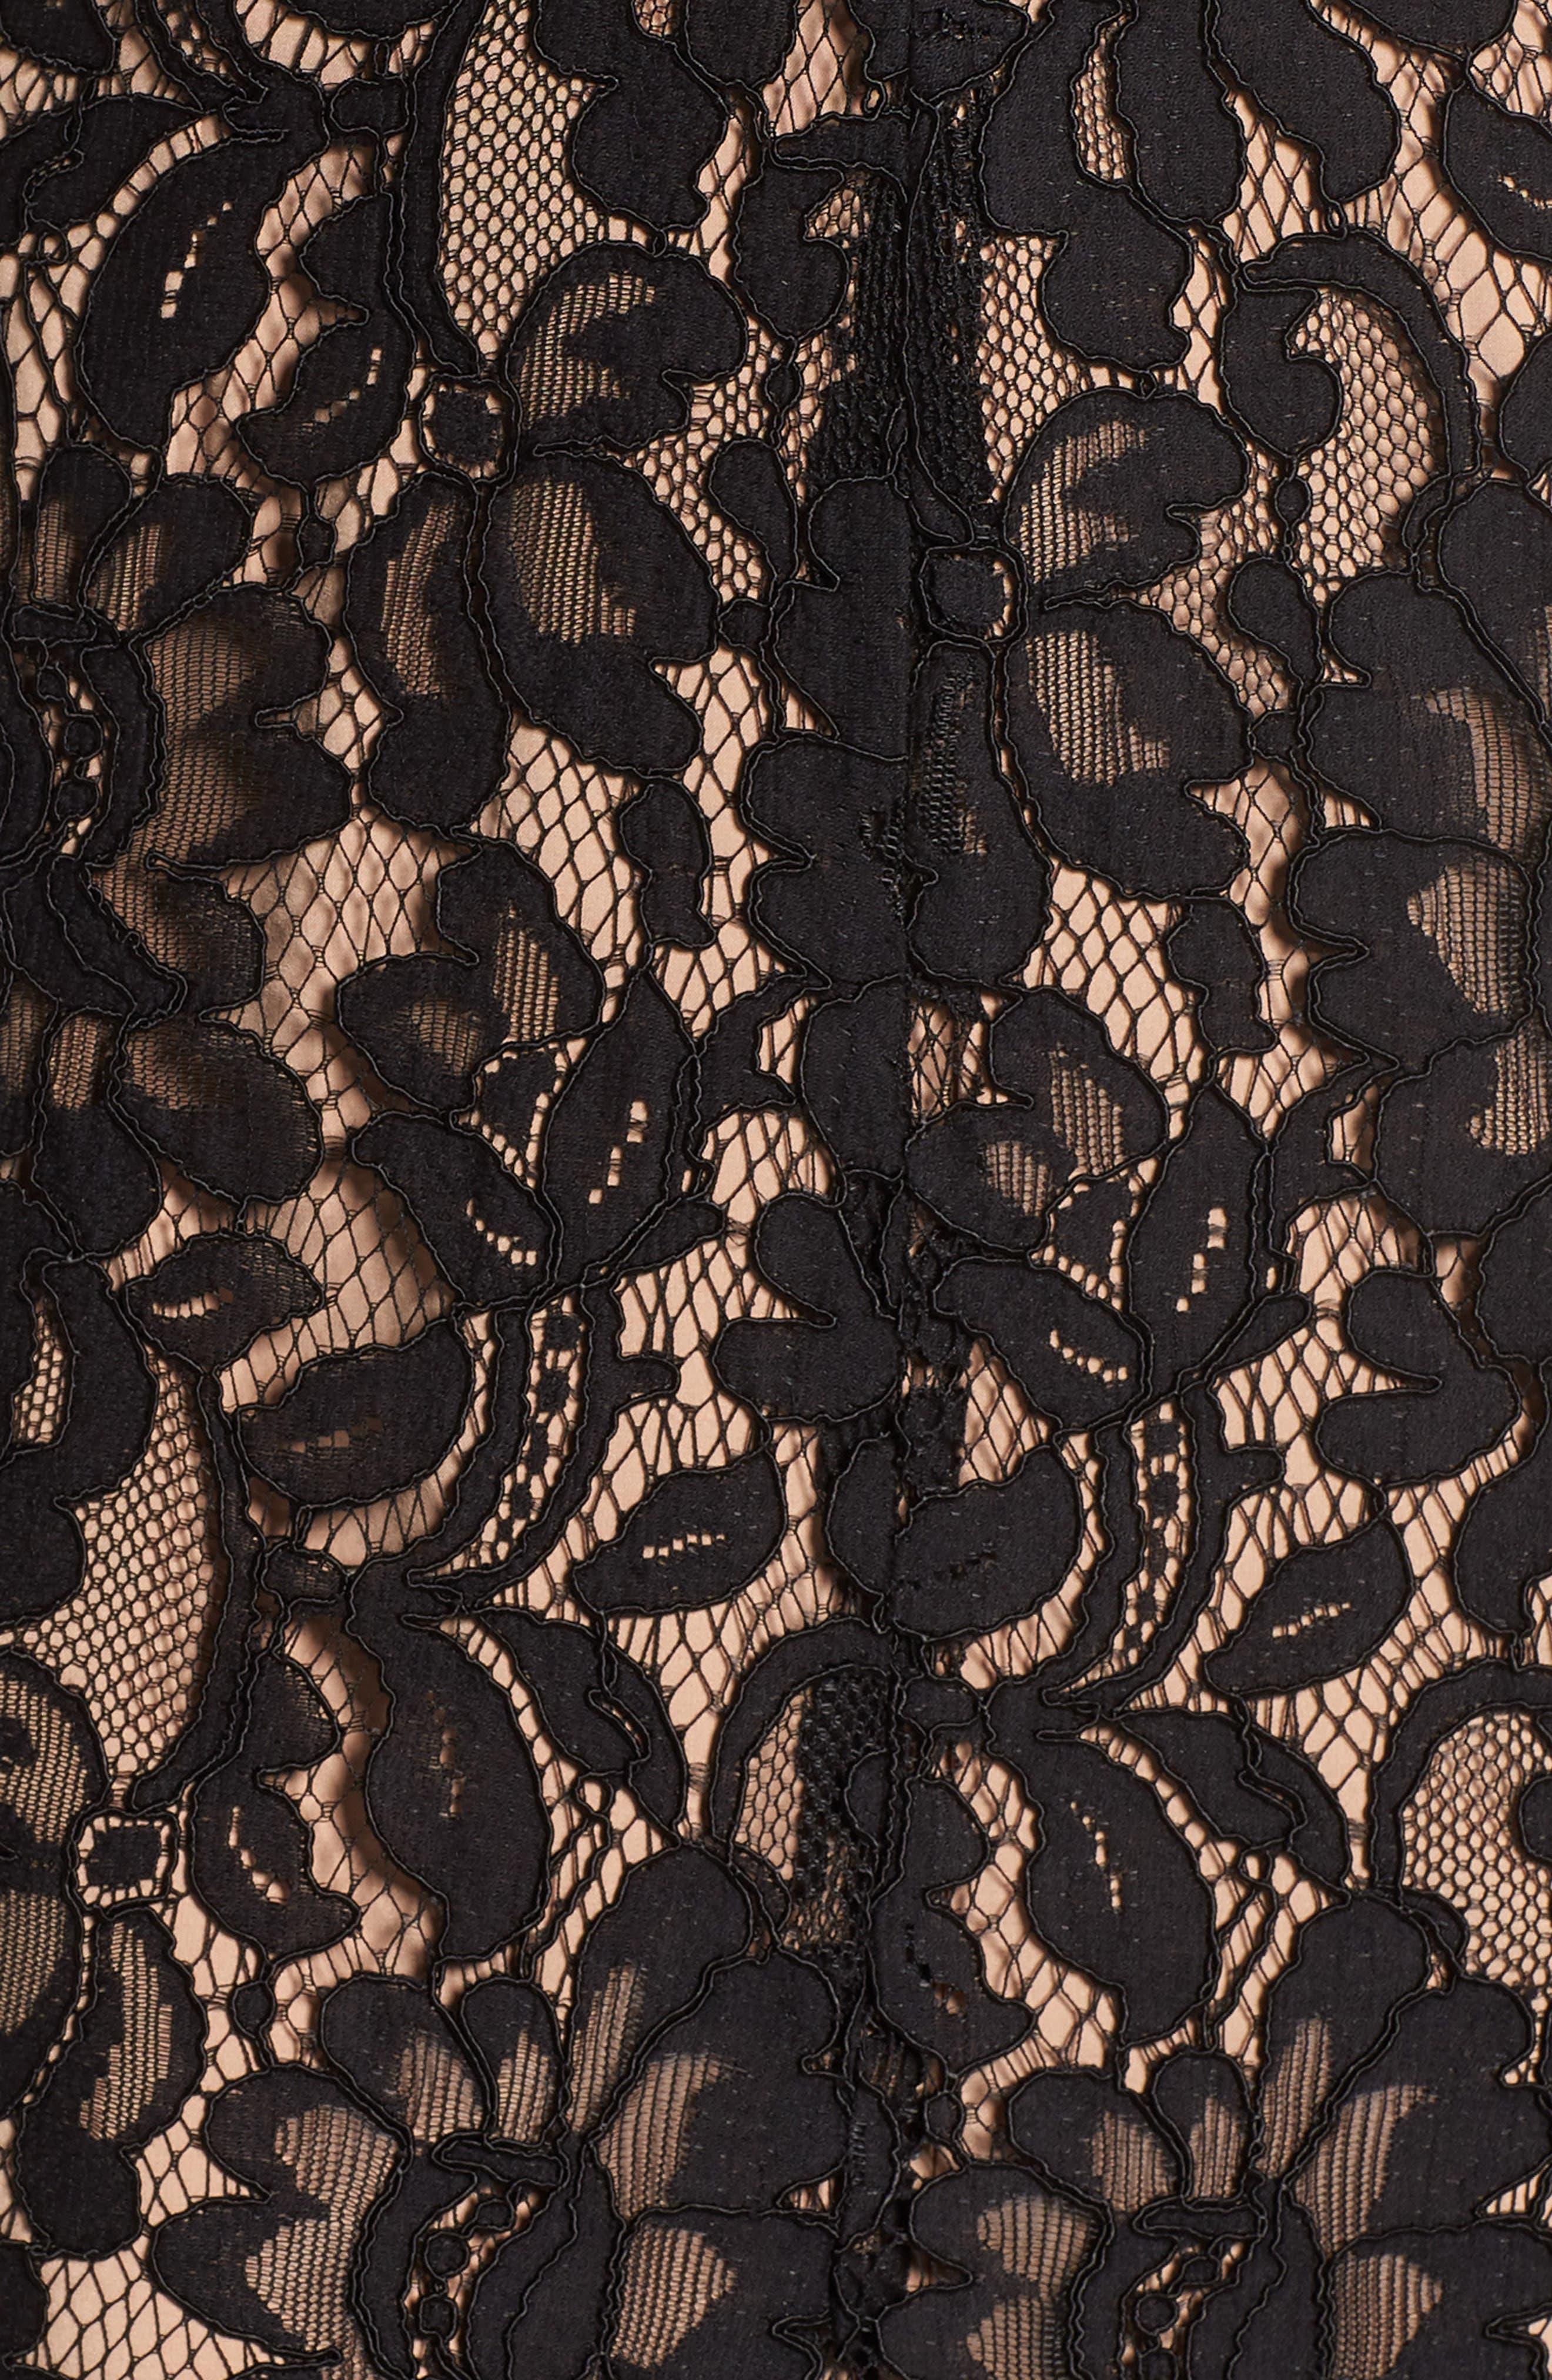 V-Neck Lace Maxi Dress,                             Alternate thumbnail 5, color,                             001